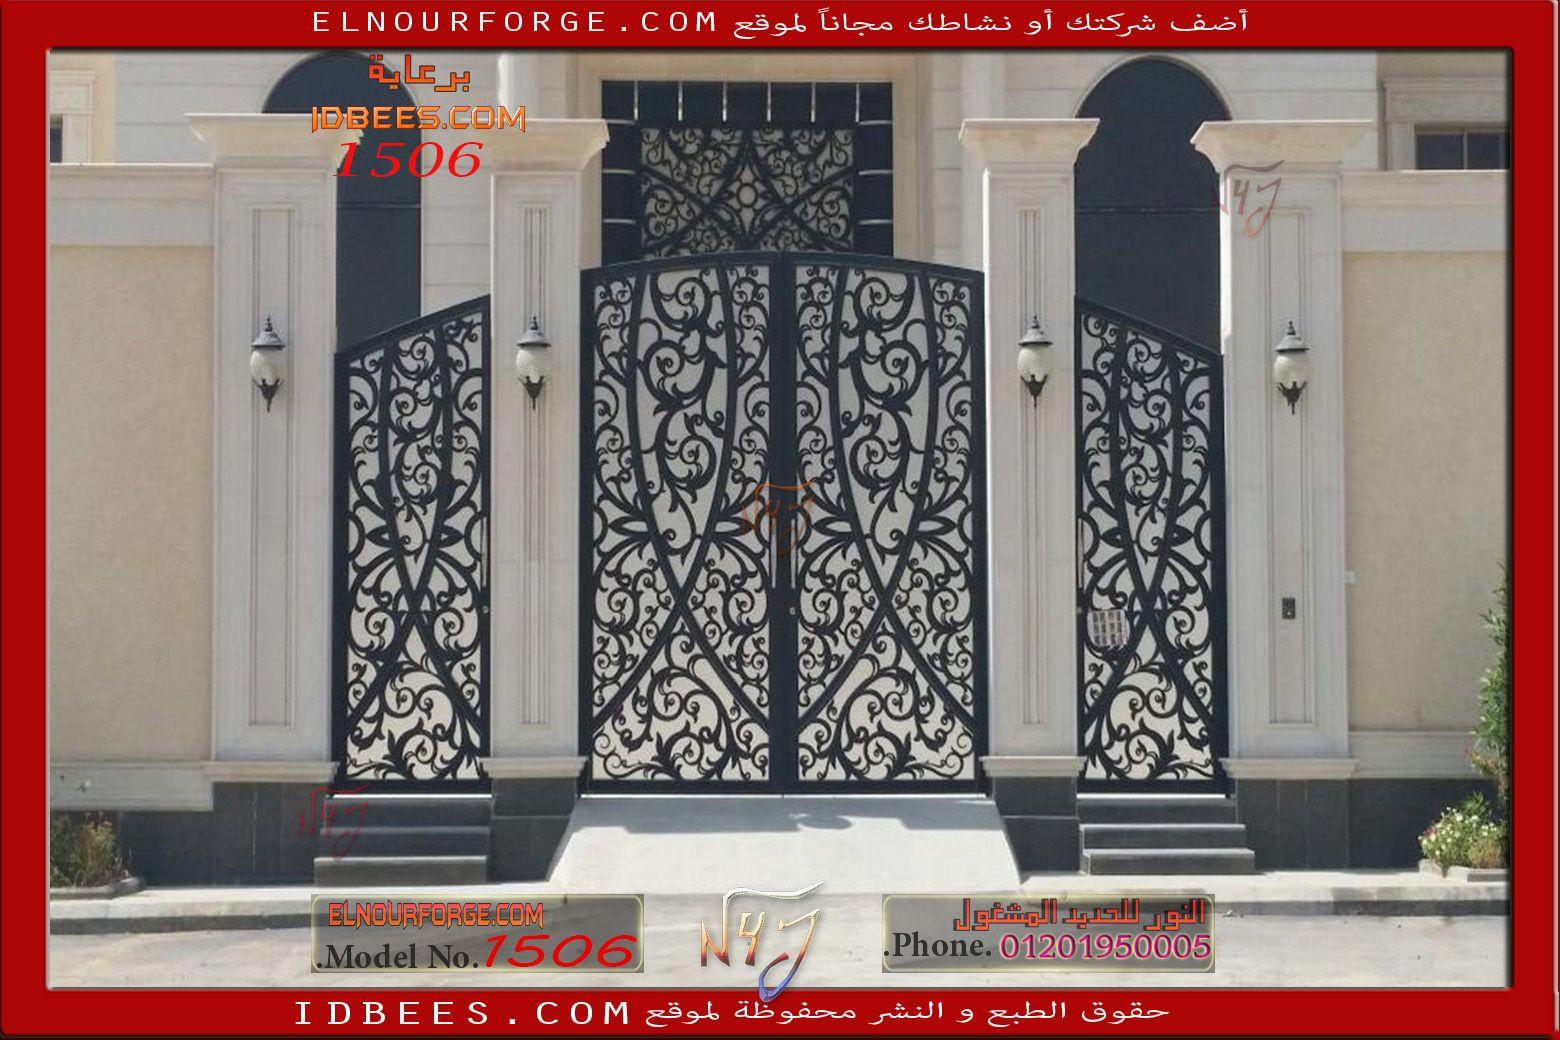 1506 Iron Gate Designs بوابات حديد مشغول Home Decor Home Decor